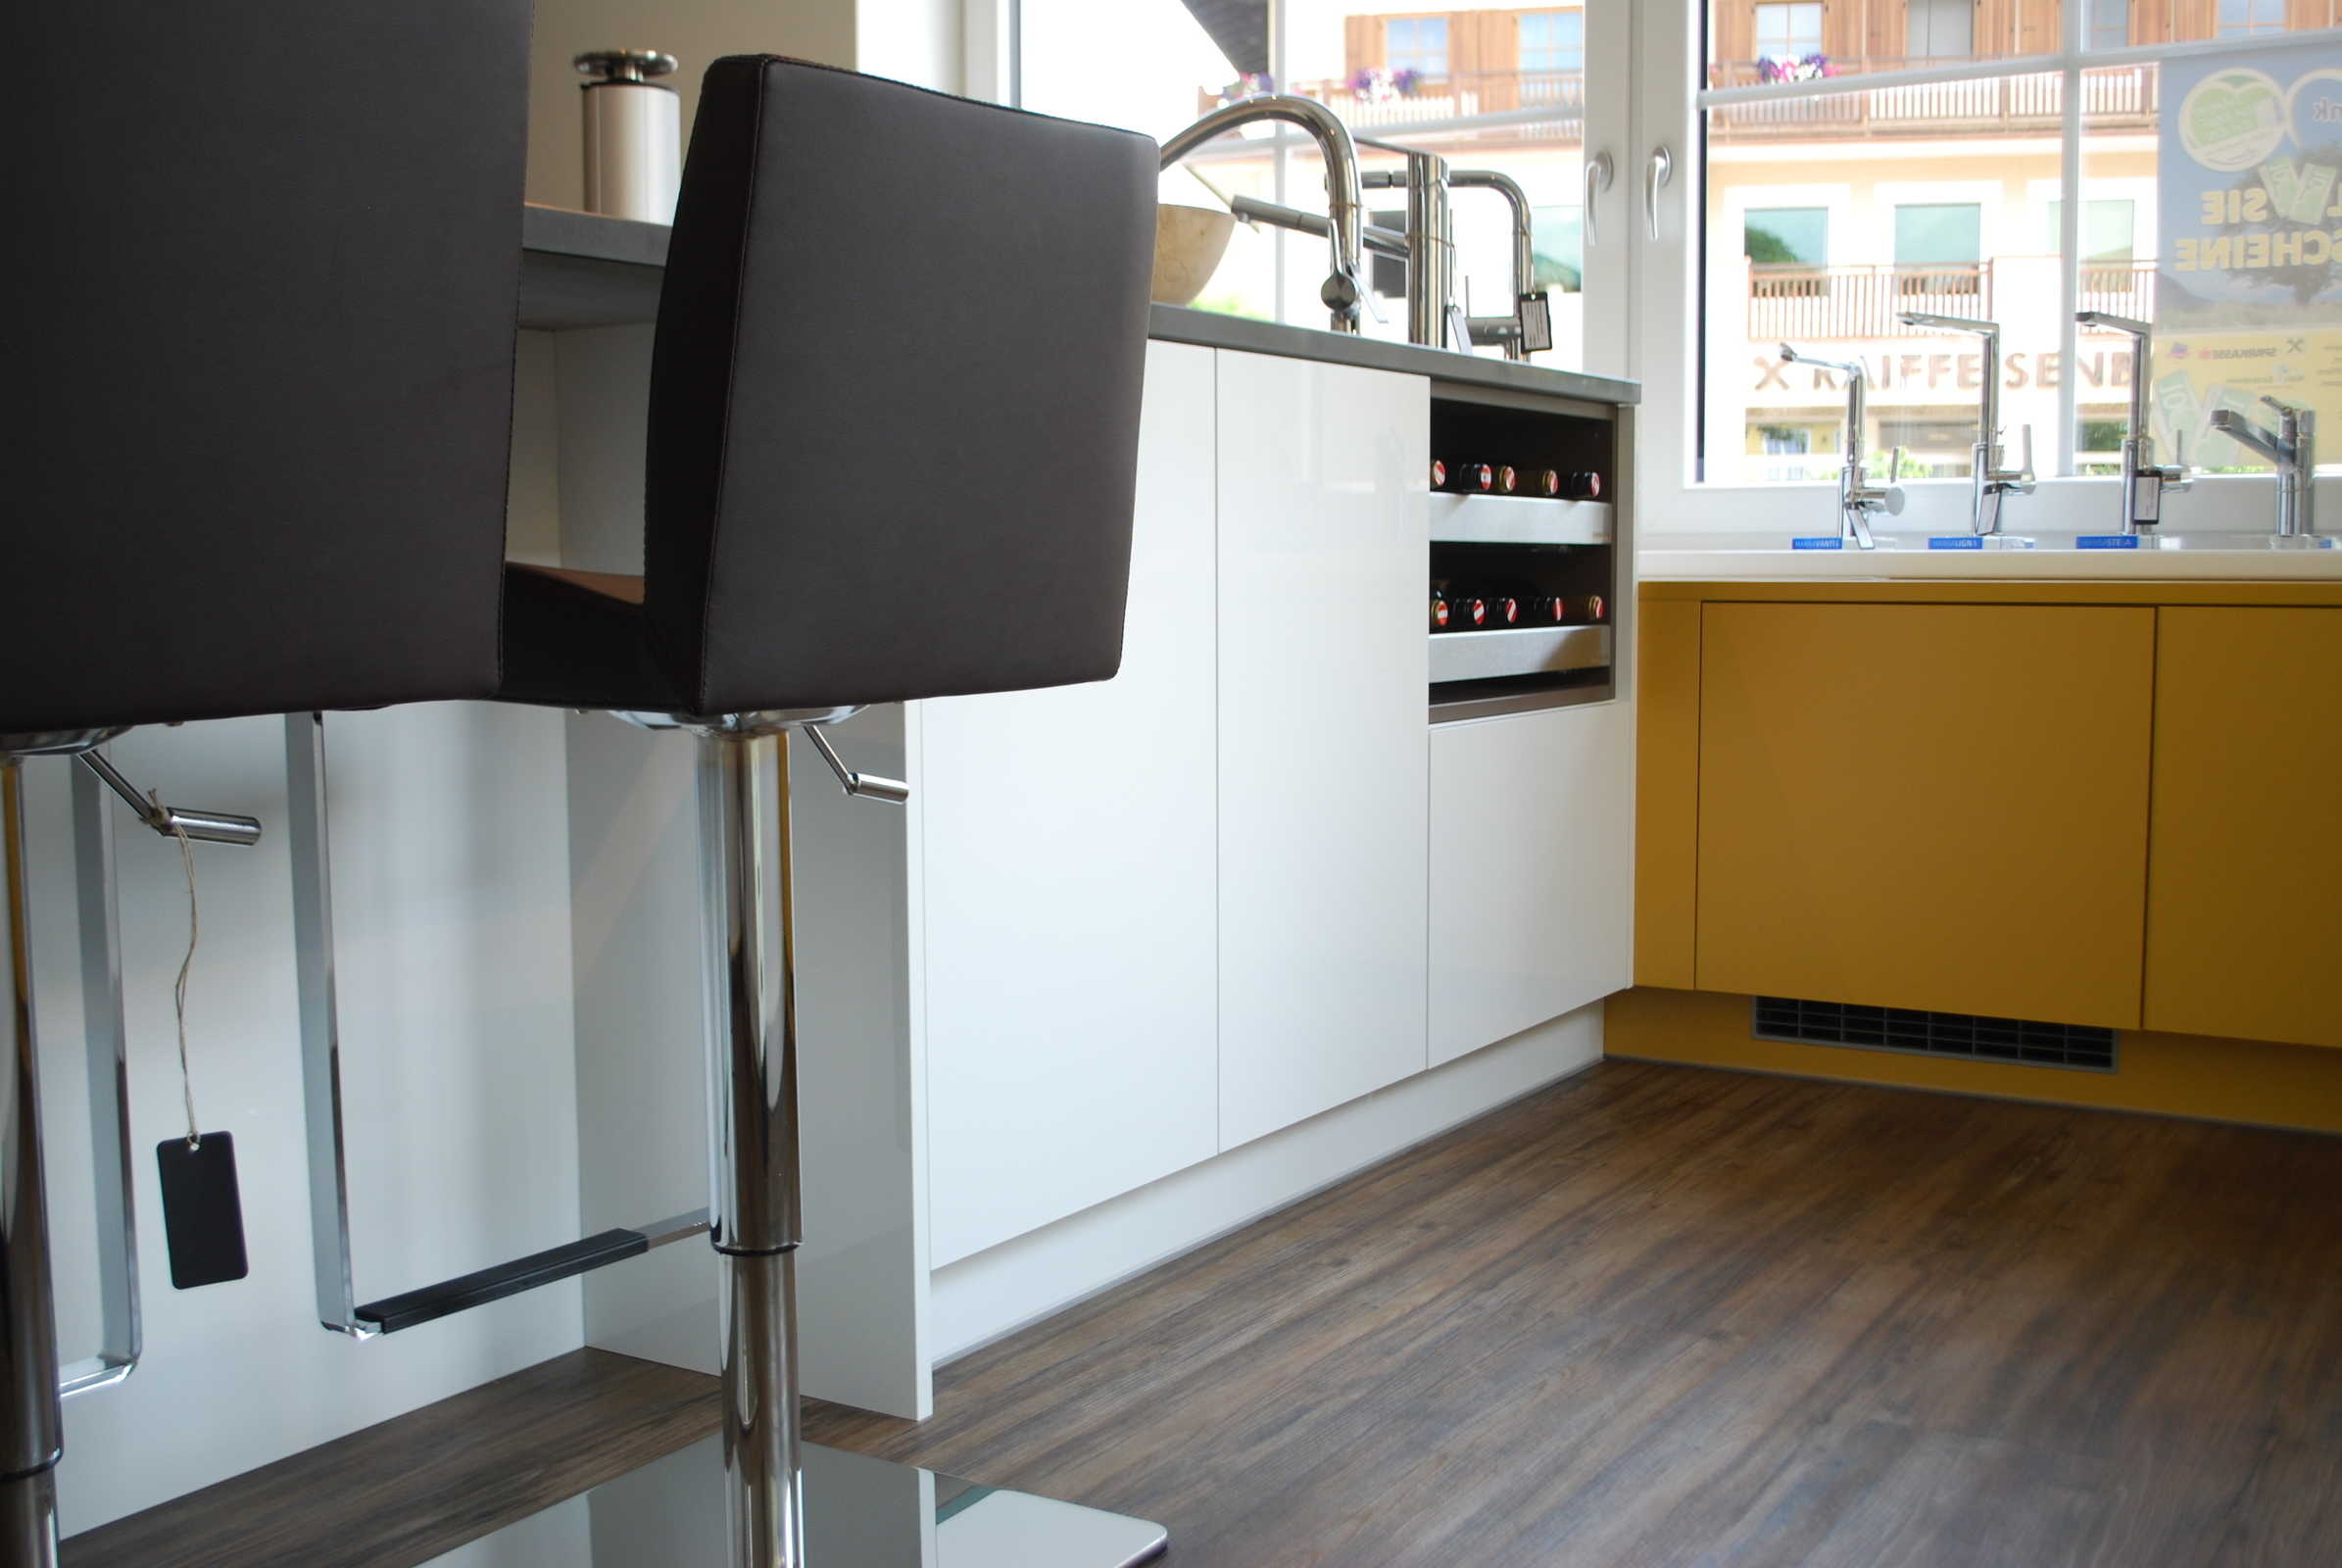 Bilder fur die kuche in acryl for Kuchenschranke 240 cm